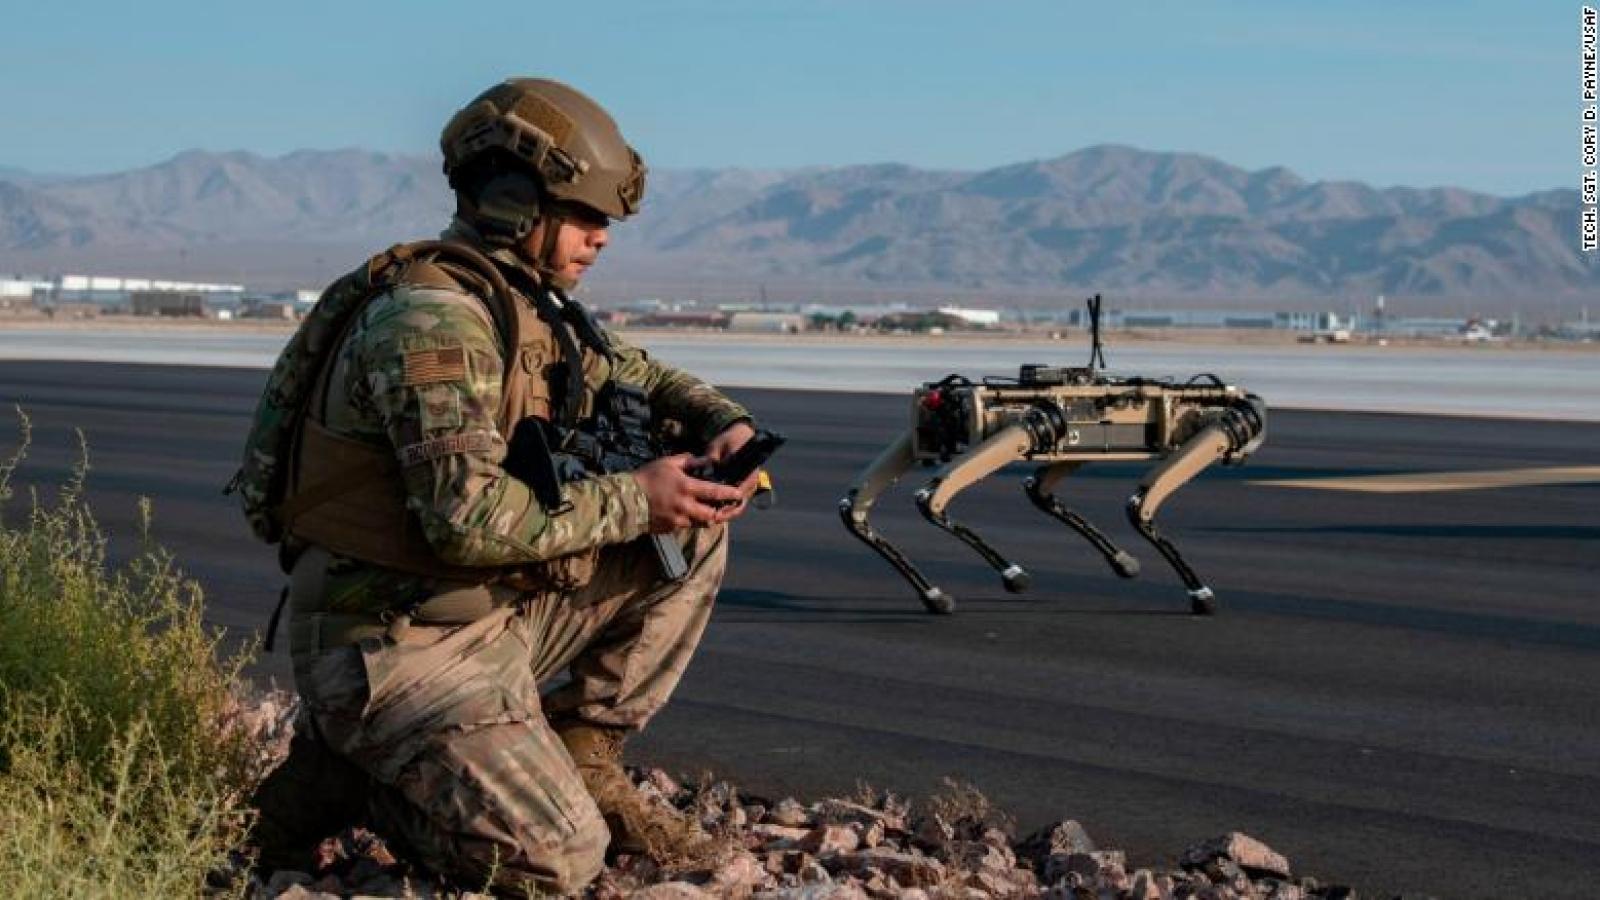 Chó robot tập trận cùng không quân Mỹ như trong phim viễn tưởng